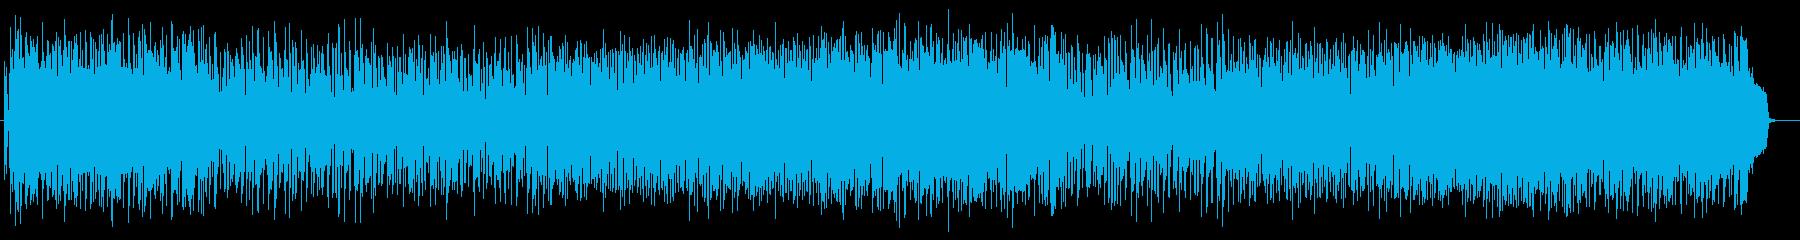 リラクゼーション溢れる曲の再生済みの波形